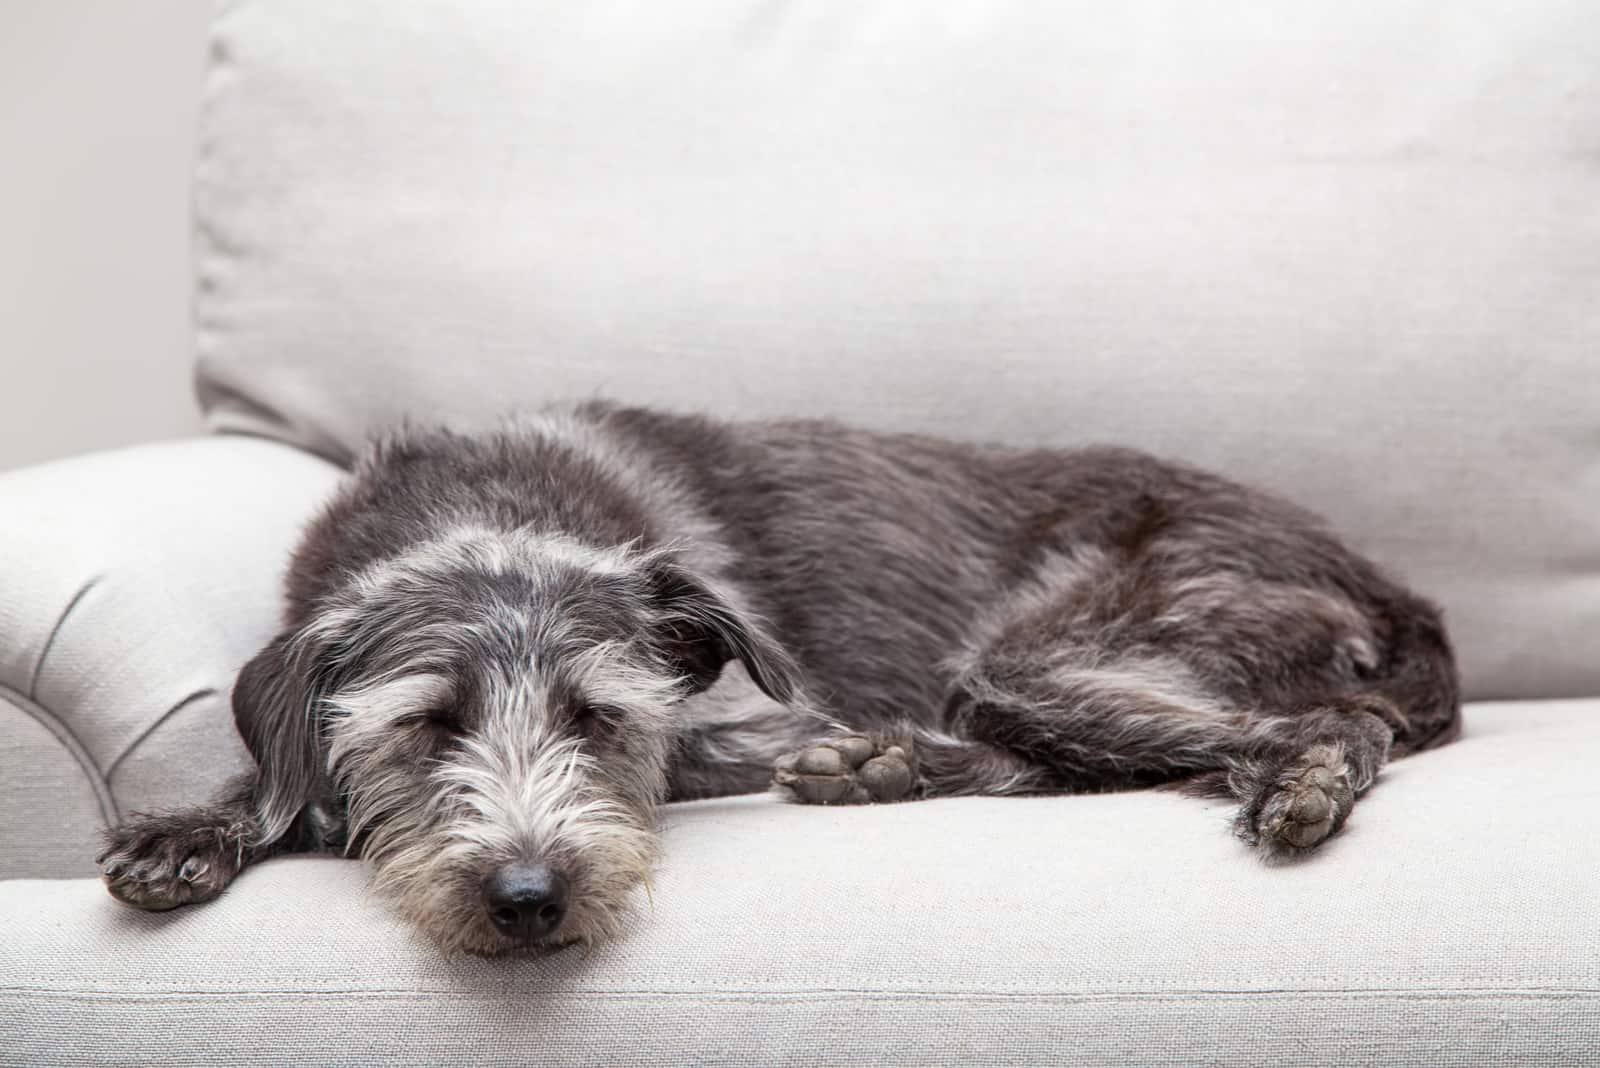 Mischling mittelgroßer grauer Hund, der auf einer neutralen Farbcouch liegt